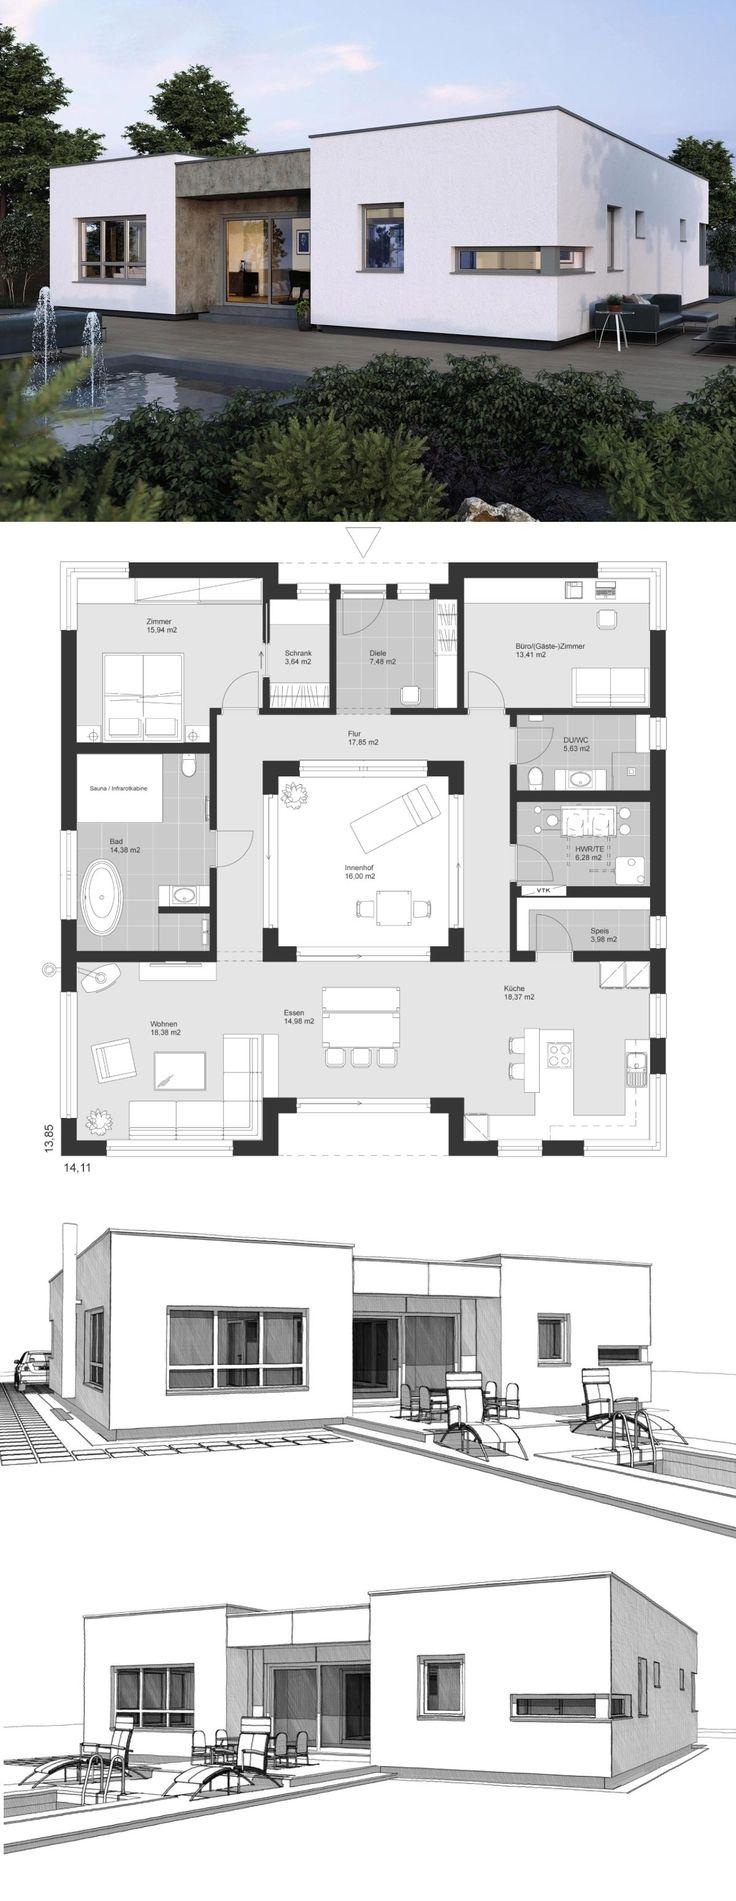 Bungalow Haus Architektur modern im Bauhausstil Gr…